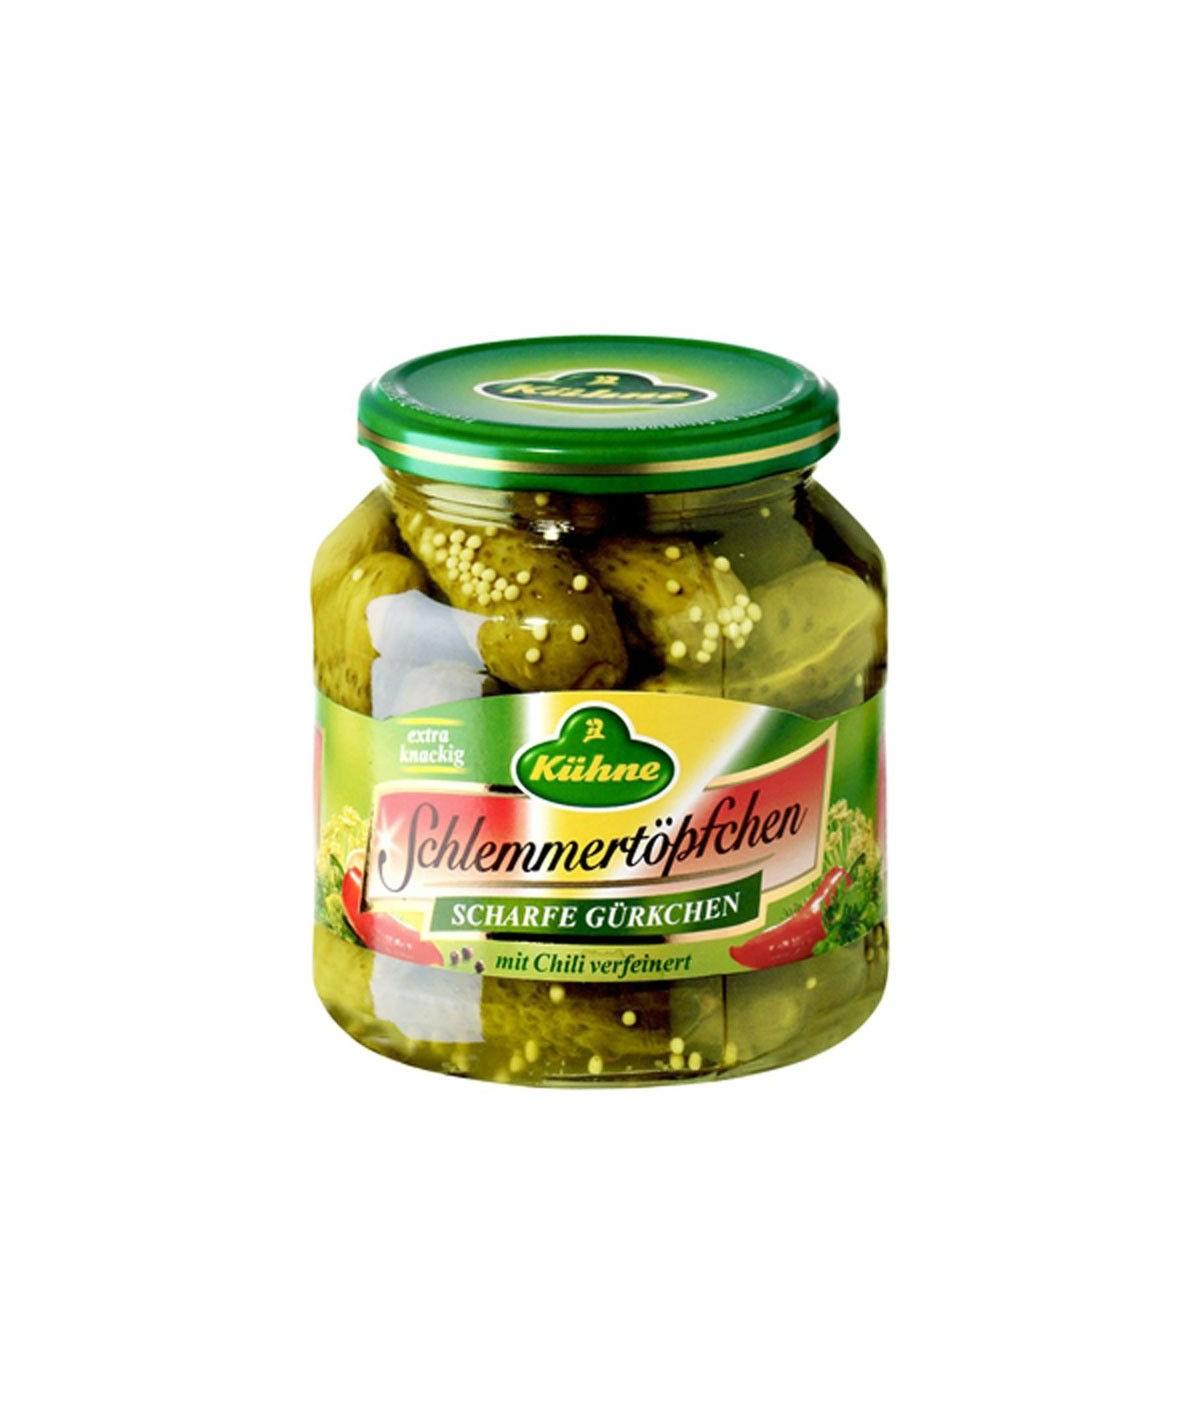 Schlemmertöpfchen scharfe Gürkchen mit Chili Kühne 580 ml